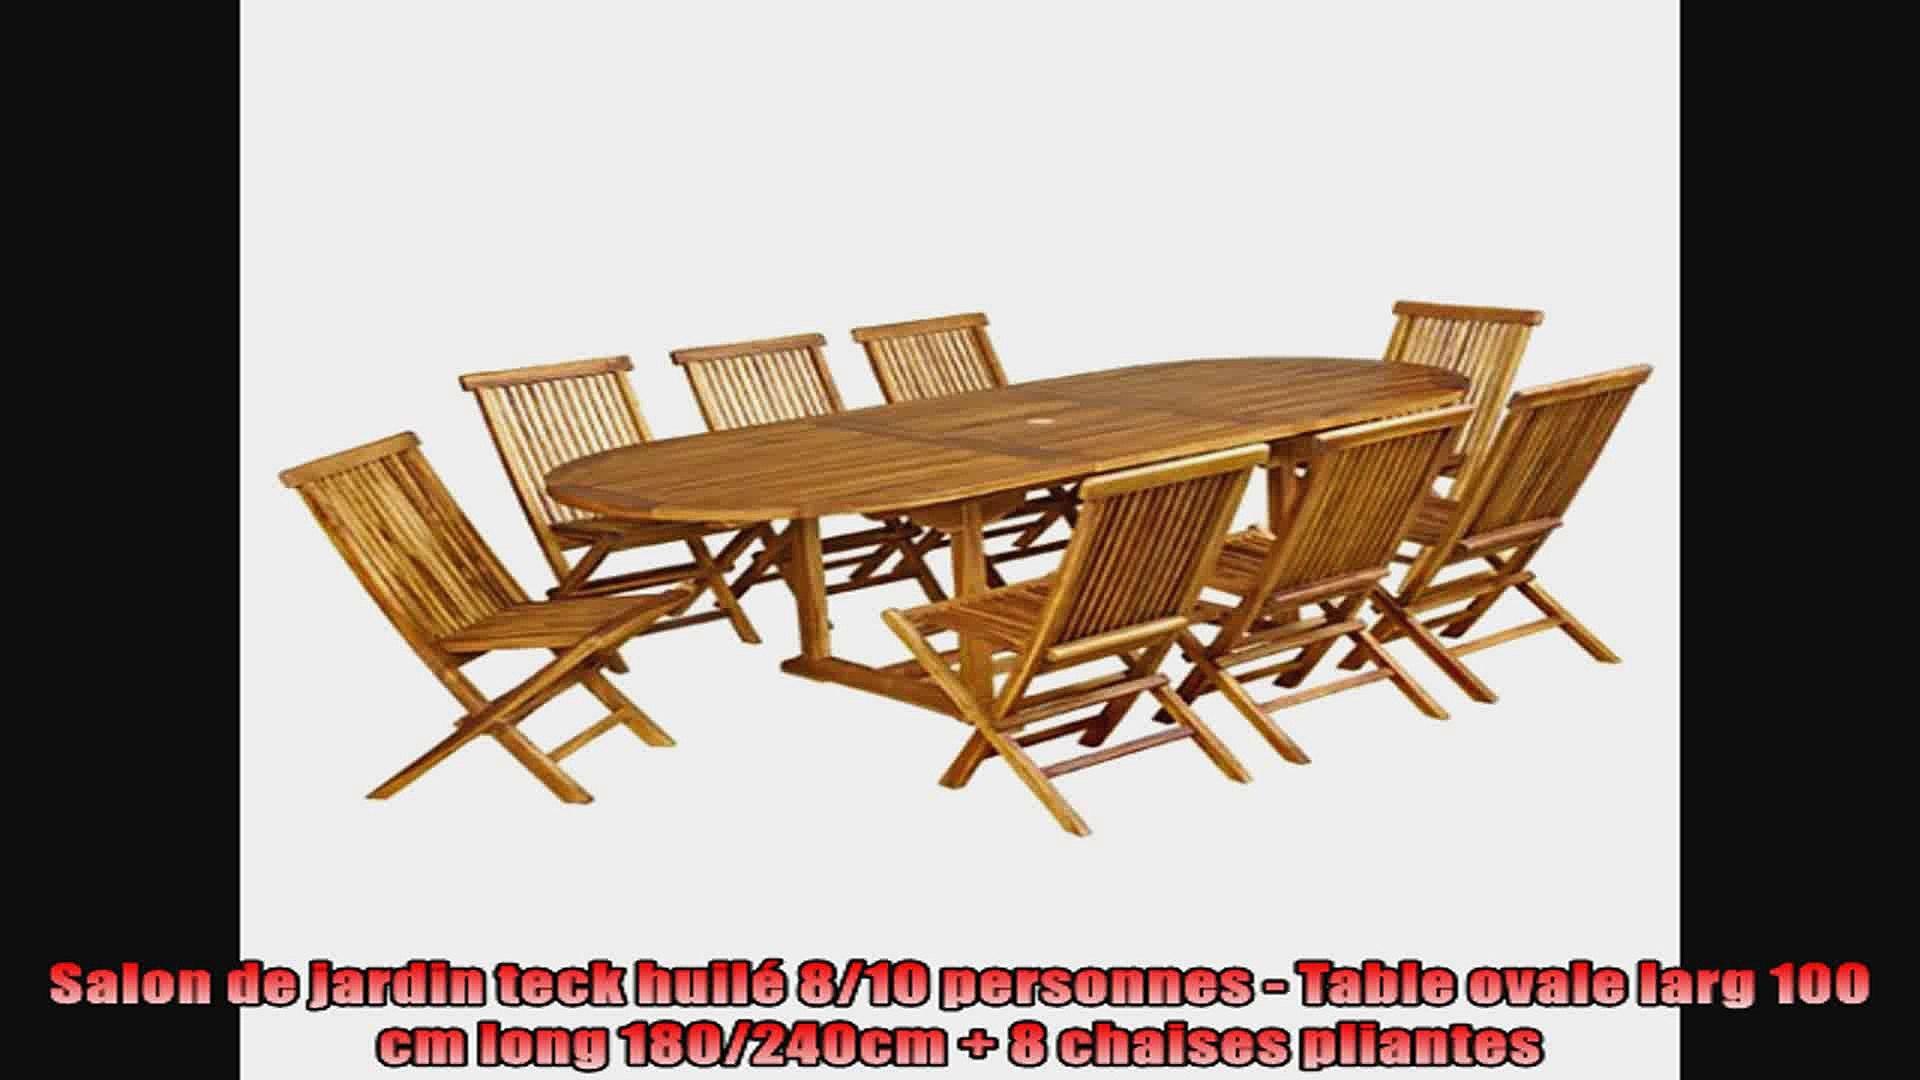 Salon de jardin teck huilé 810 personnes Table ovale larg 100 cm long  180240cm 8